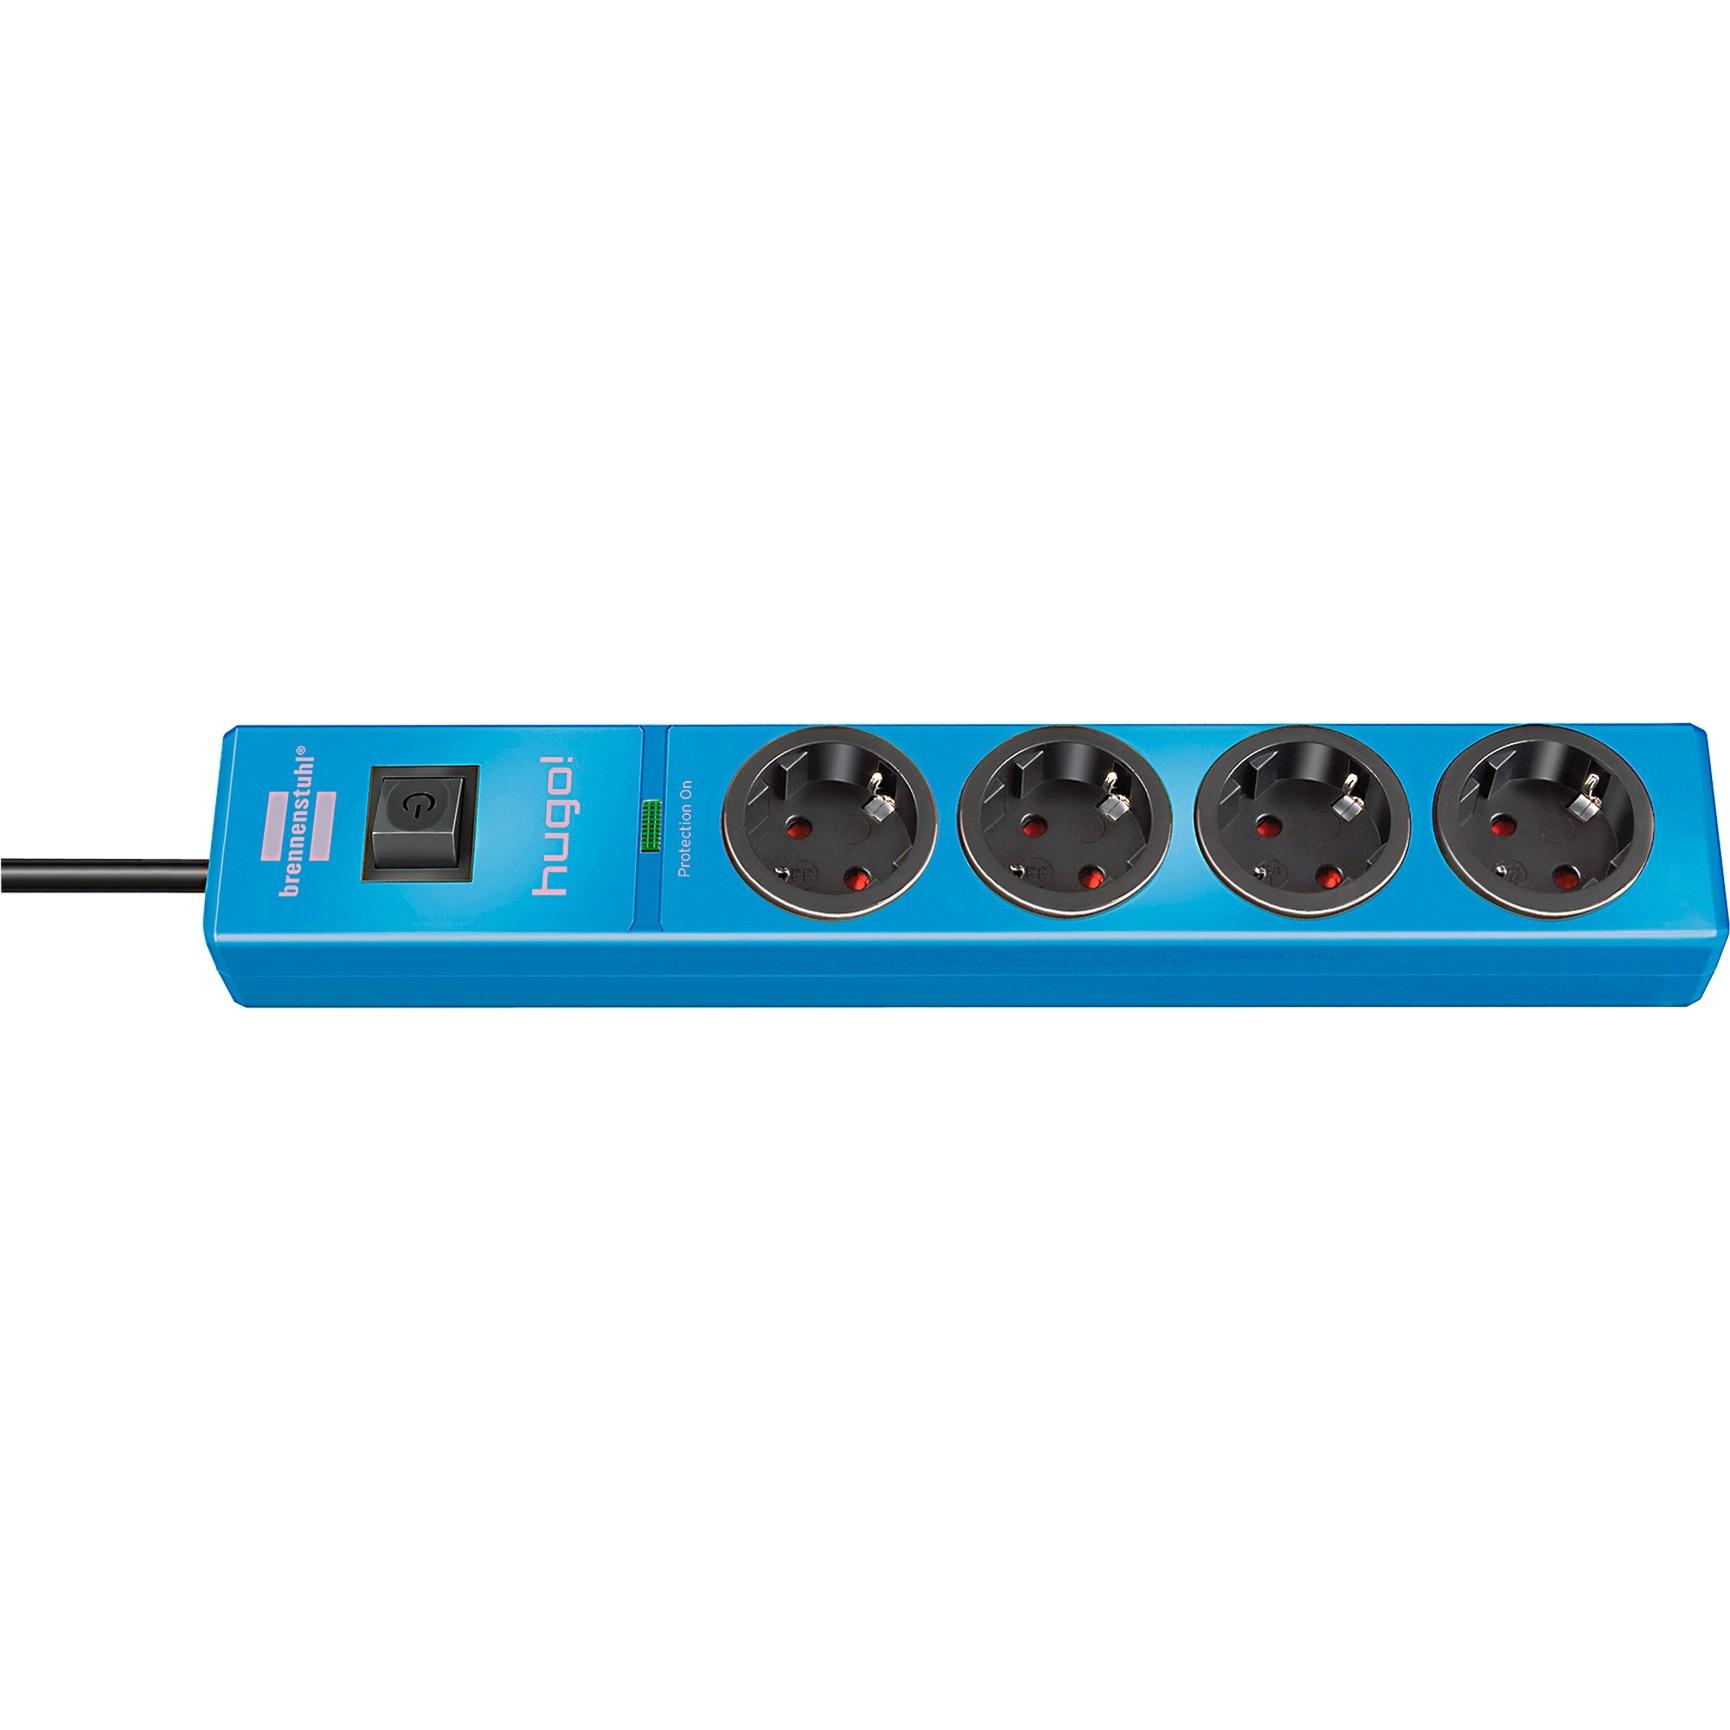 brennenstuhl hugo!, 4-fach steckdosenleiste blau